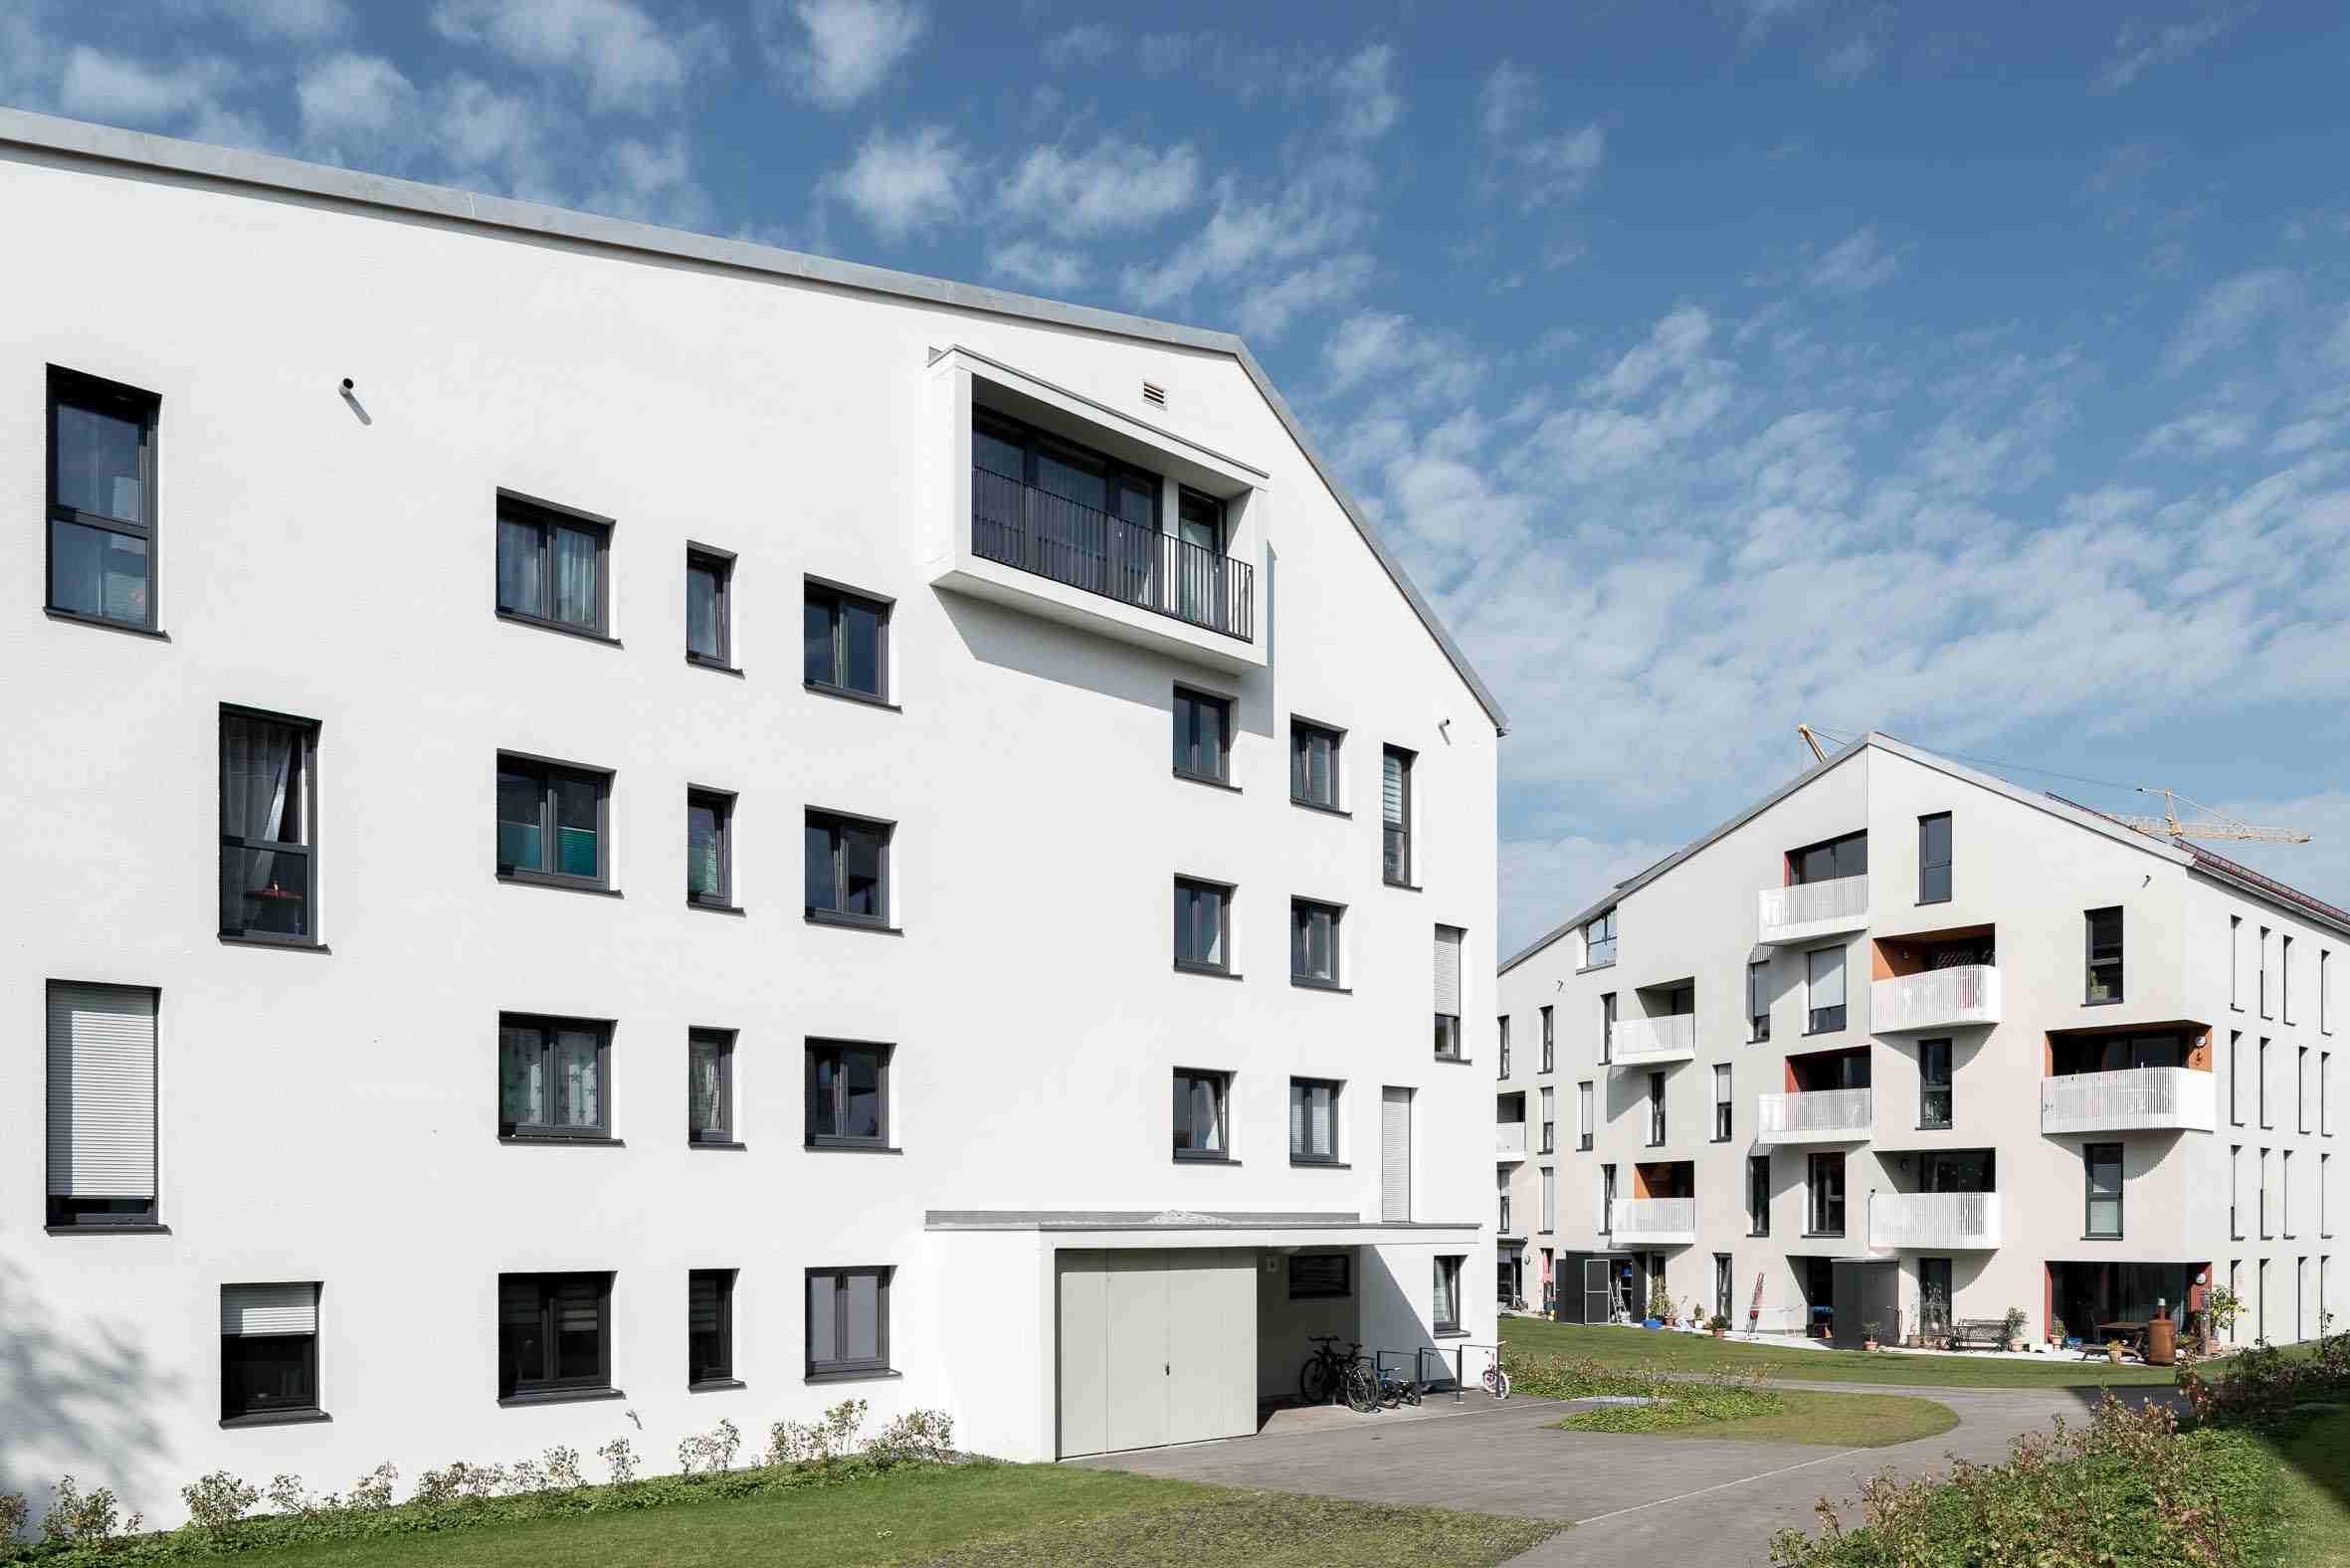 Kempten F64 Wohnbau Low 8877